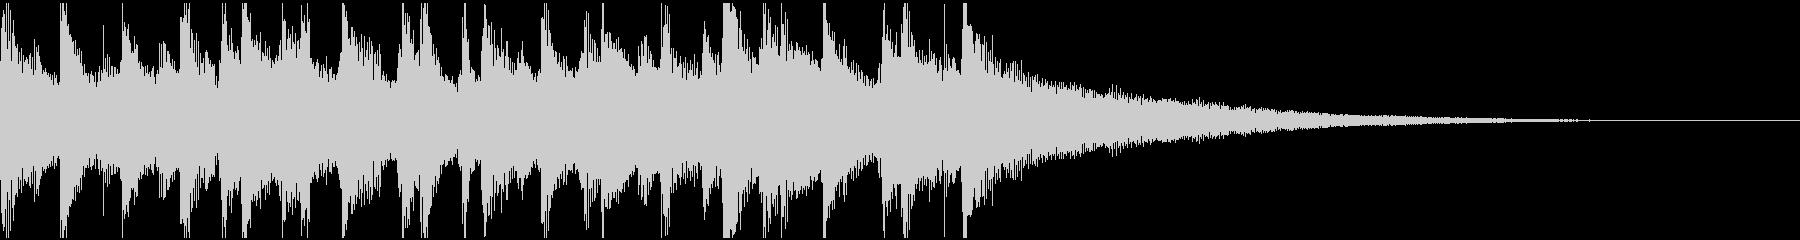 15秒ウクレレ、トイピアノの楽しい楽曲Bの未再生の波形